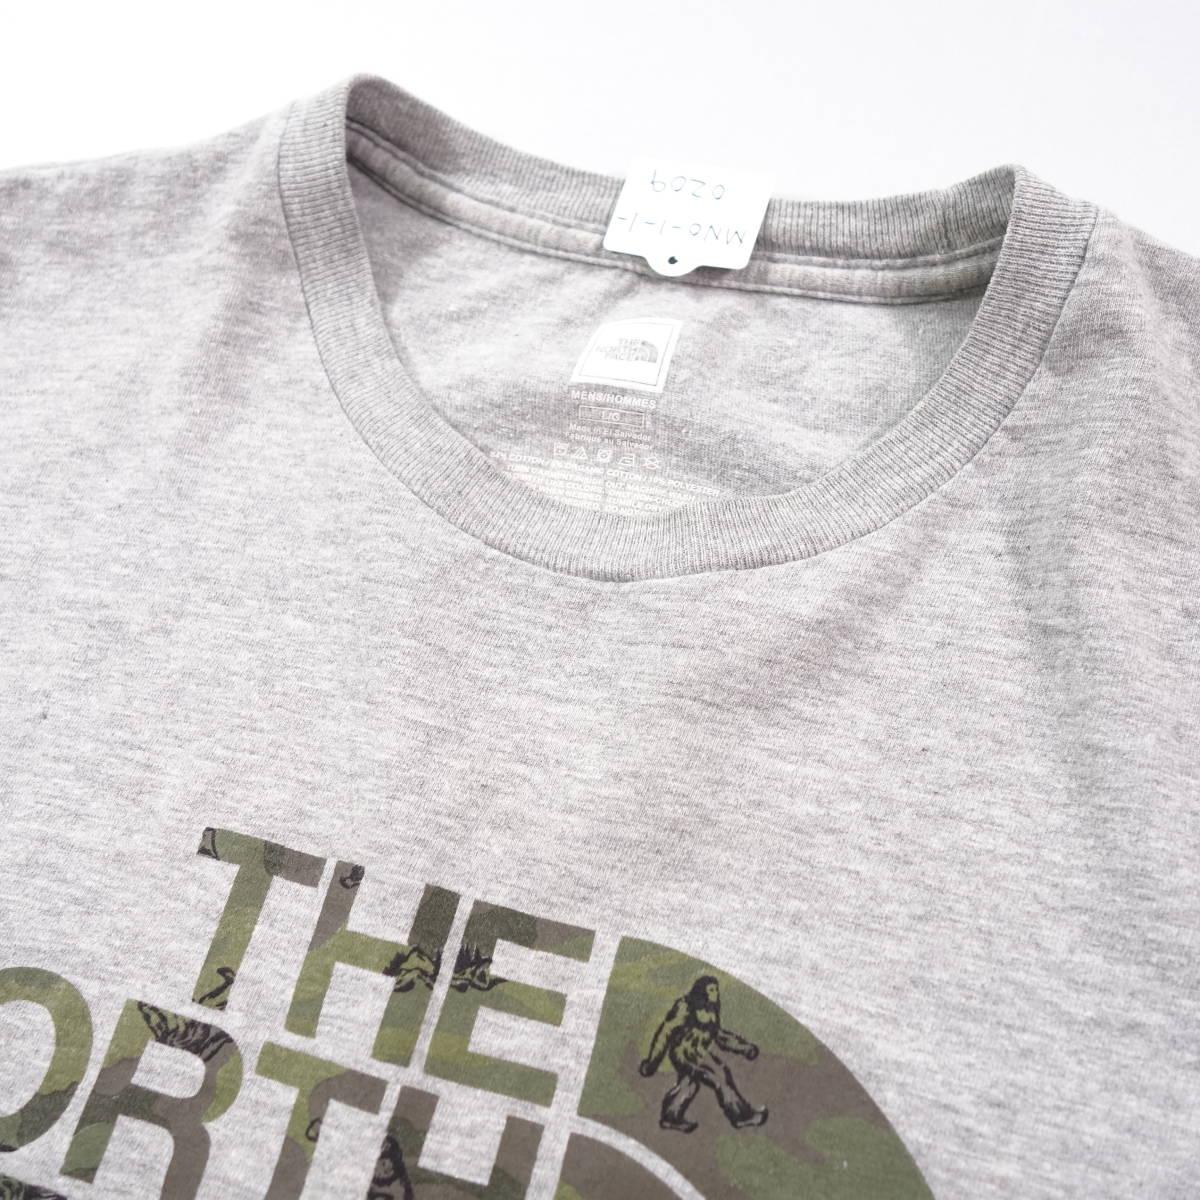 ノースフェイス Tシャツ 半袖 メンズ L 丸首 ハーフドーム プリントロゴ アウトドア トップス USA直輸入 古着 MNO-1-1-0209_画像5